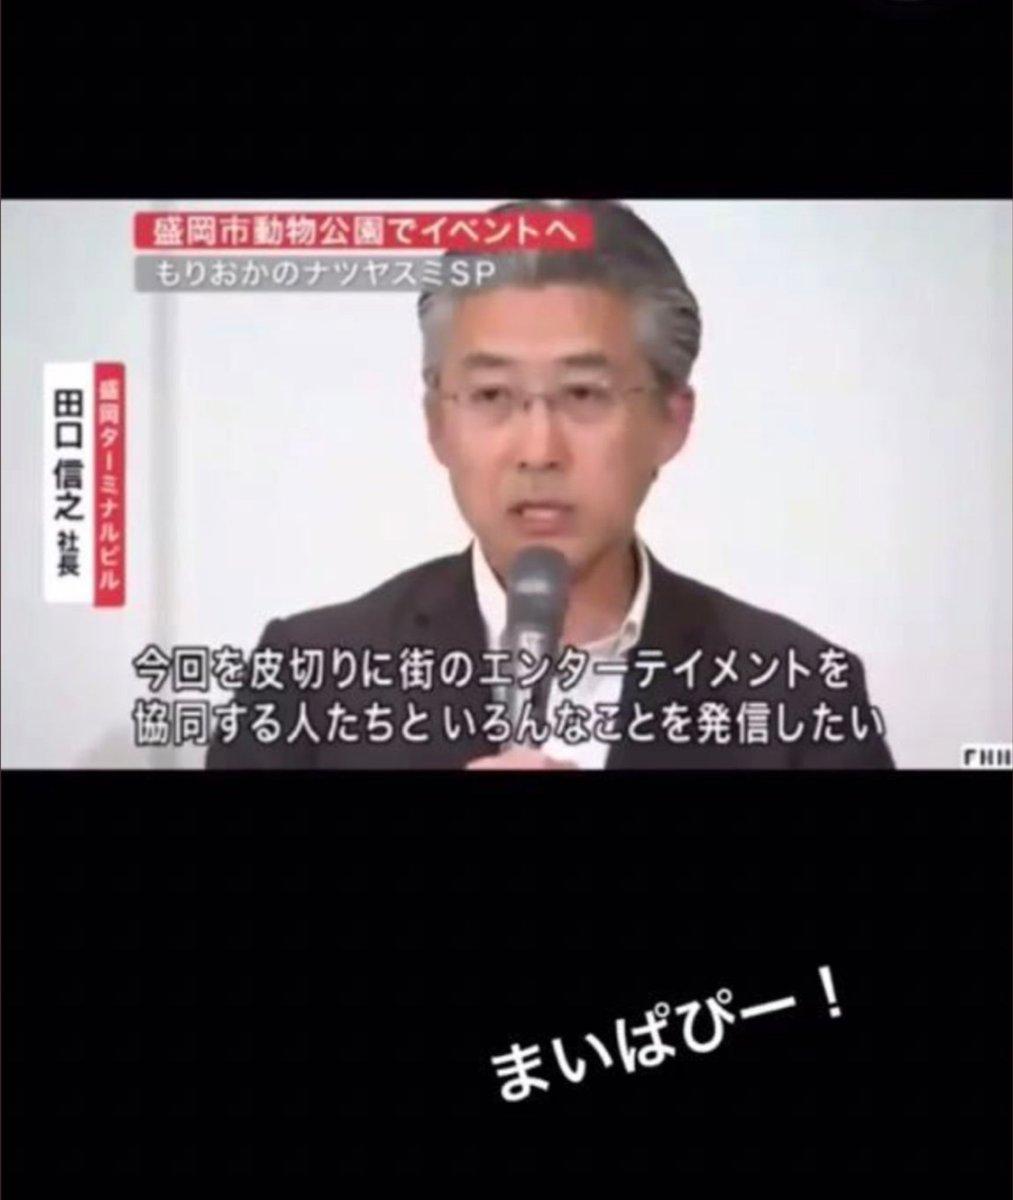 加藤 シゲアキ 大学